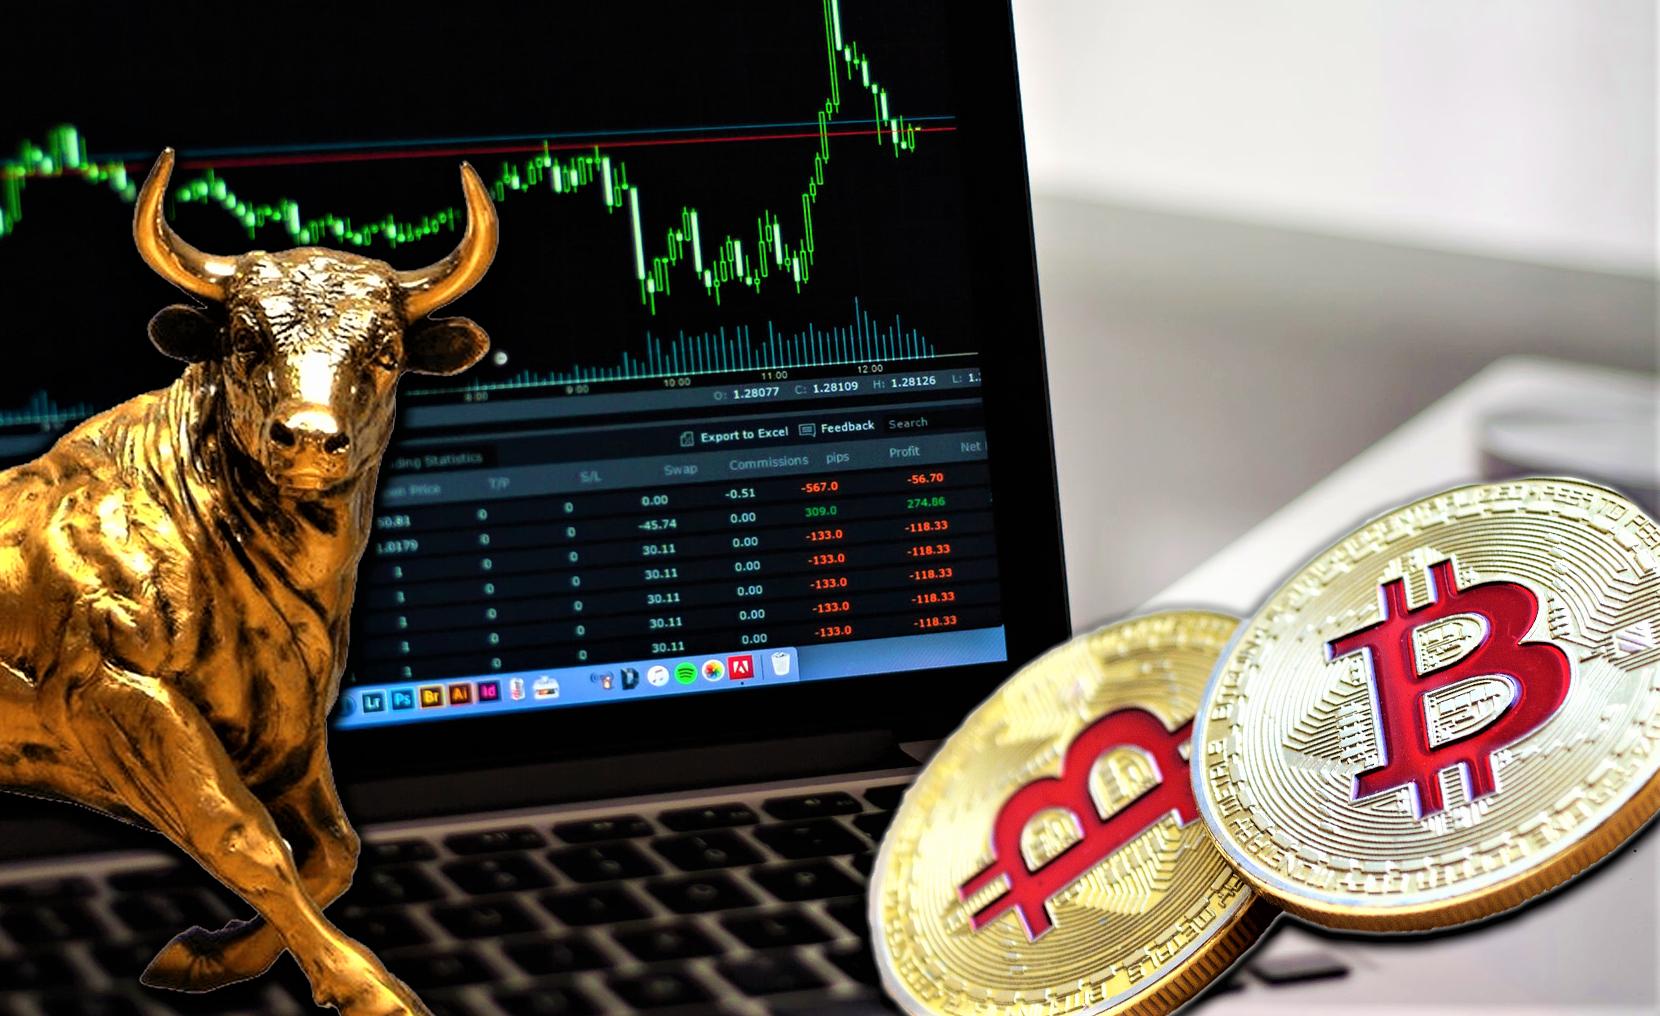 Popüler Analist Açıkladı Bitcoin Bu Seviyeyi Geçerse BTC 17.200 Dolar Seviyesini Test Edebilir